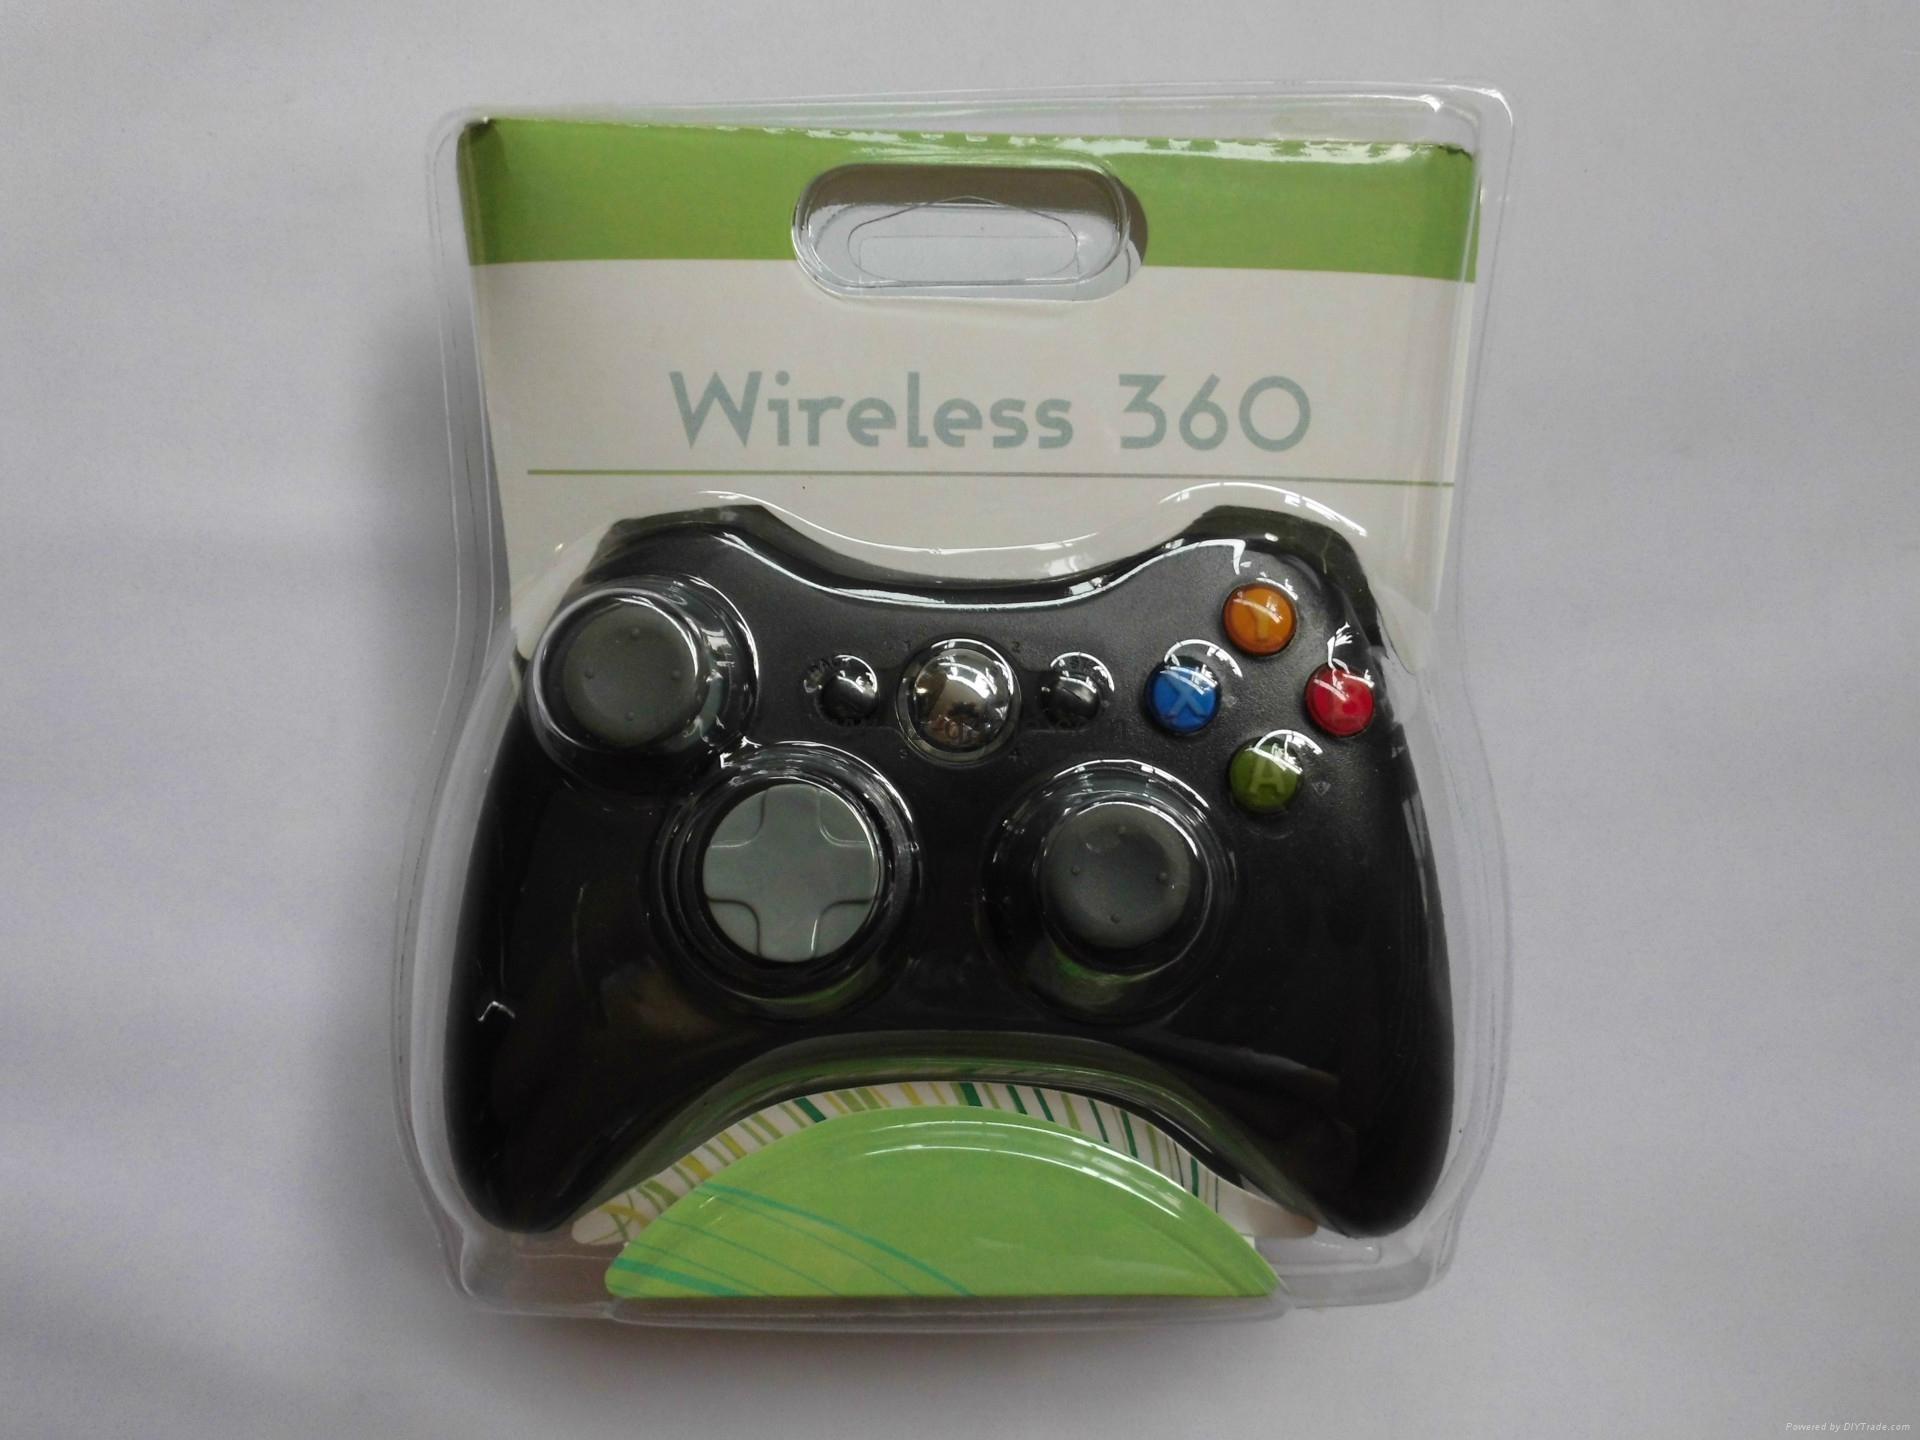 XBOX360有线游戏手柄 360发光透明外壳LED灯游戏手柄,电脑手柄 6